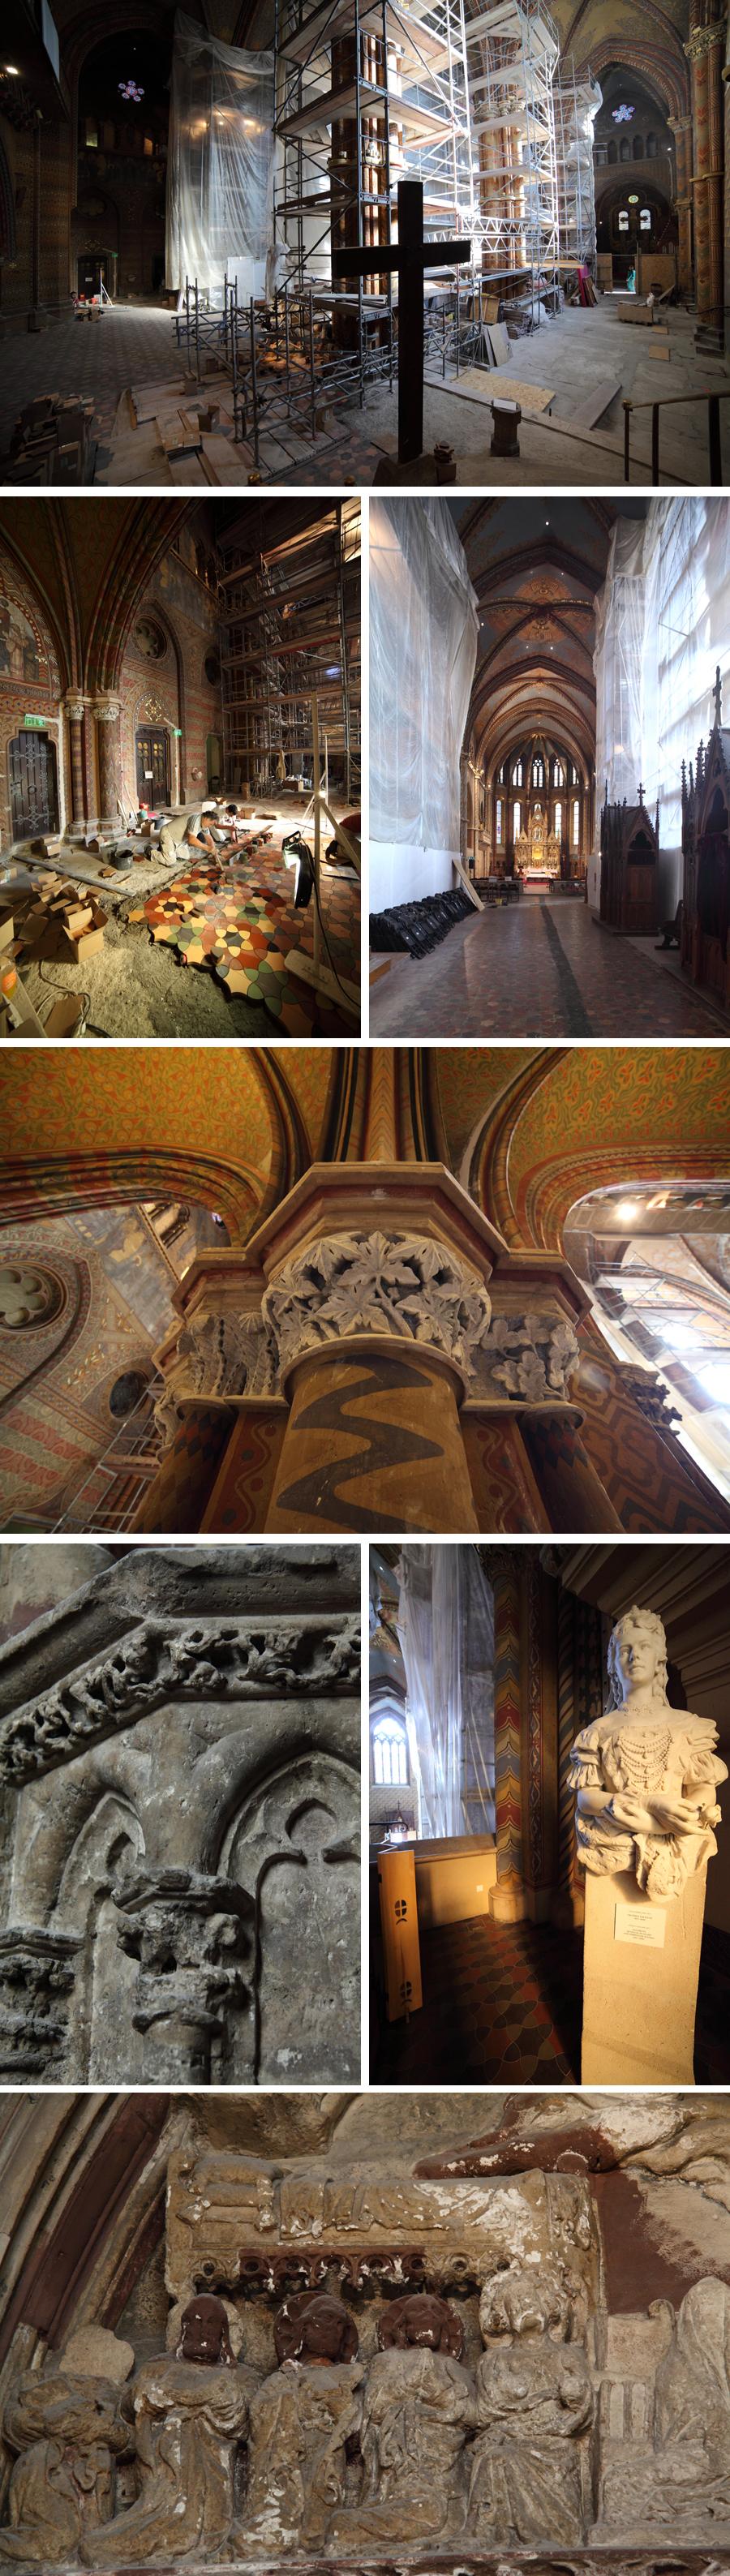 http://muemlekem.hu/images/magazin/20121028matyastempl/03.jpg